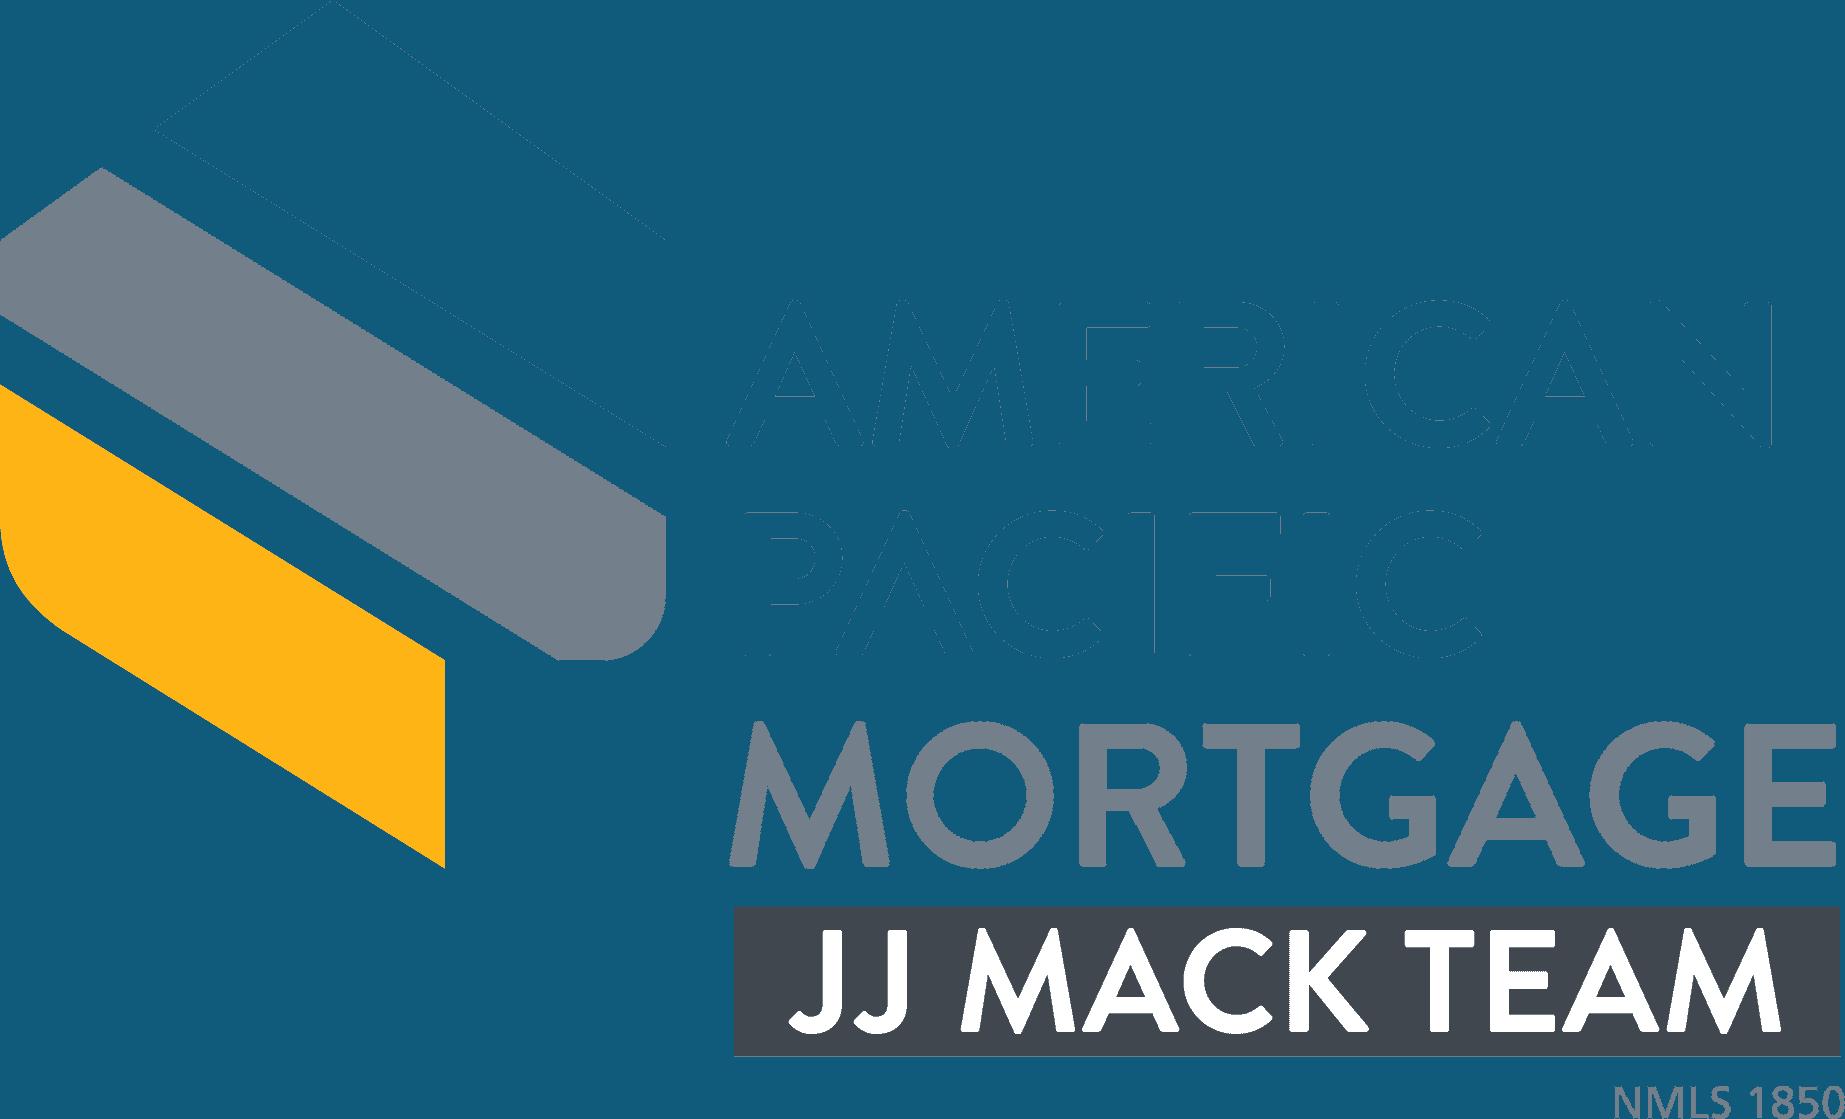 JJ Mack Team